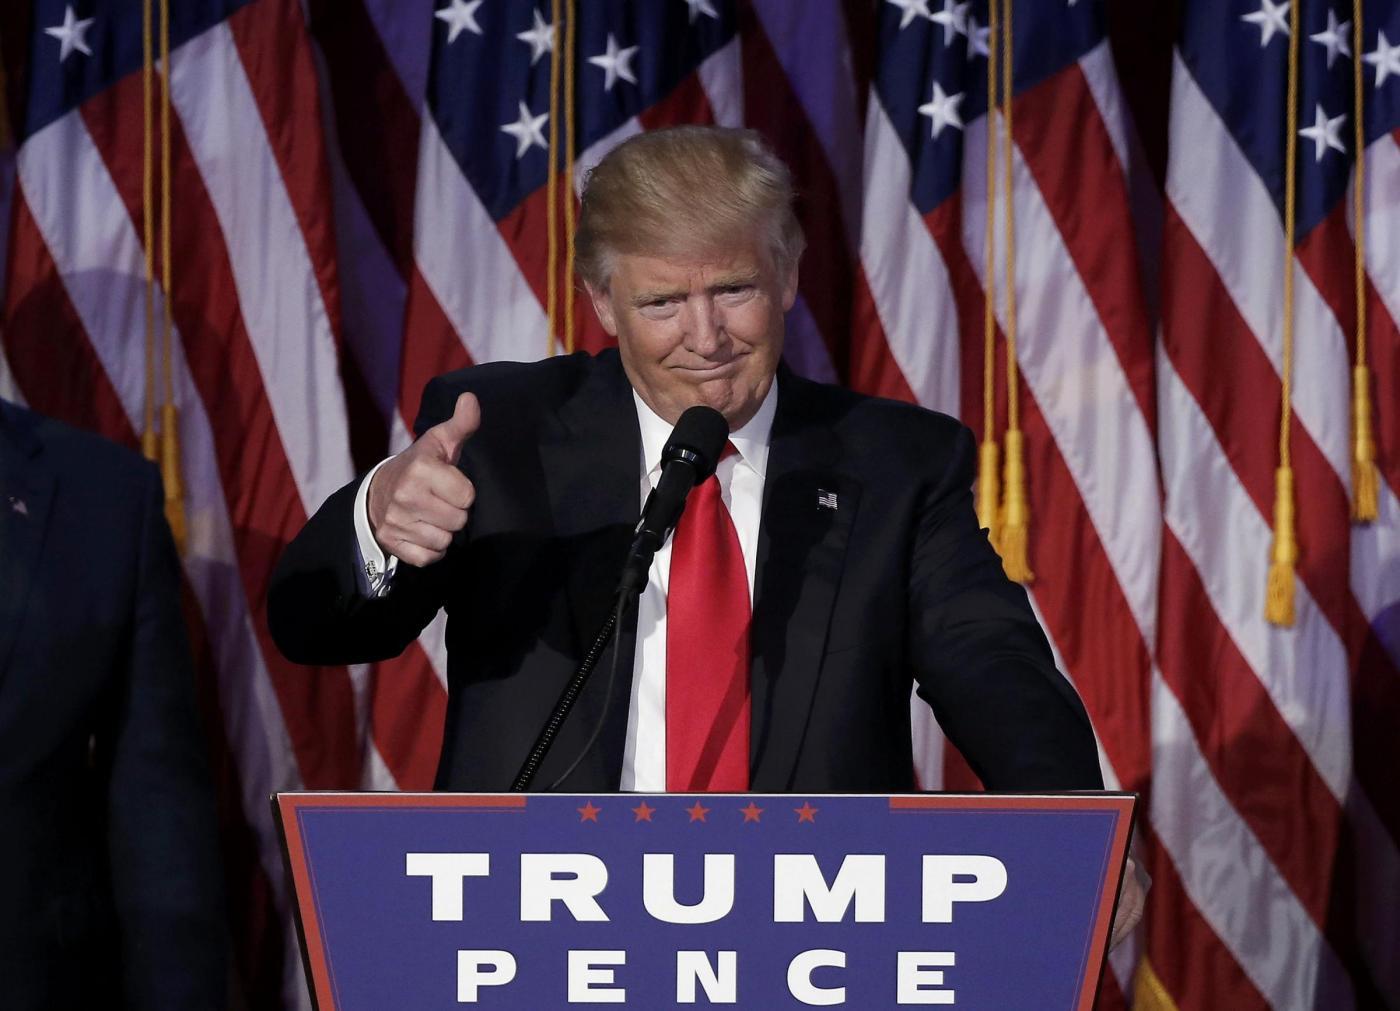 Donald Trump è presidente degli Stati Uniti, il discorso della vittoria